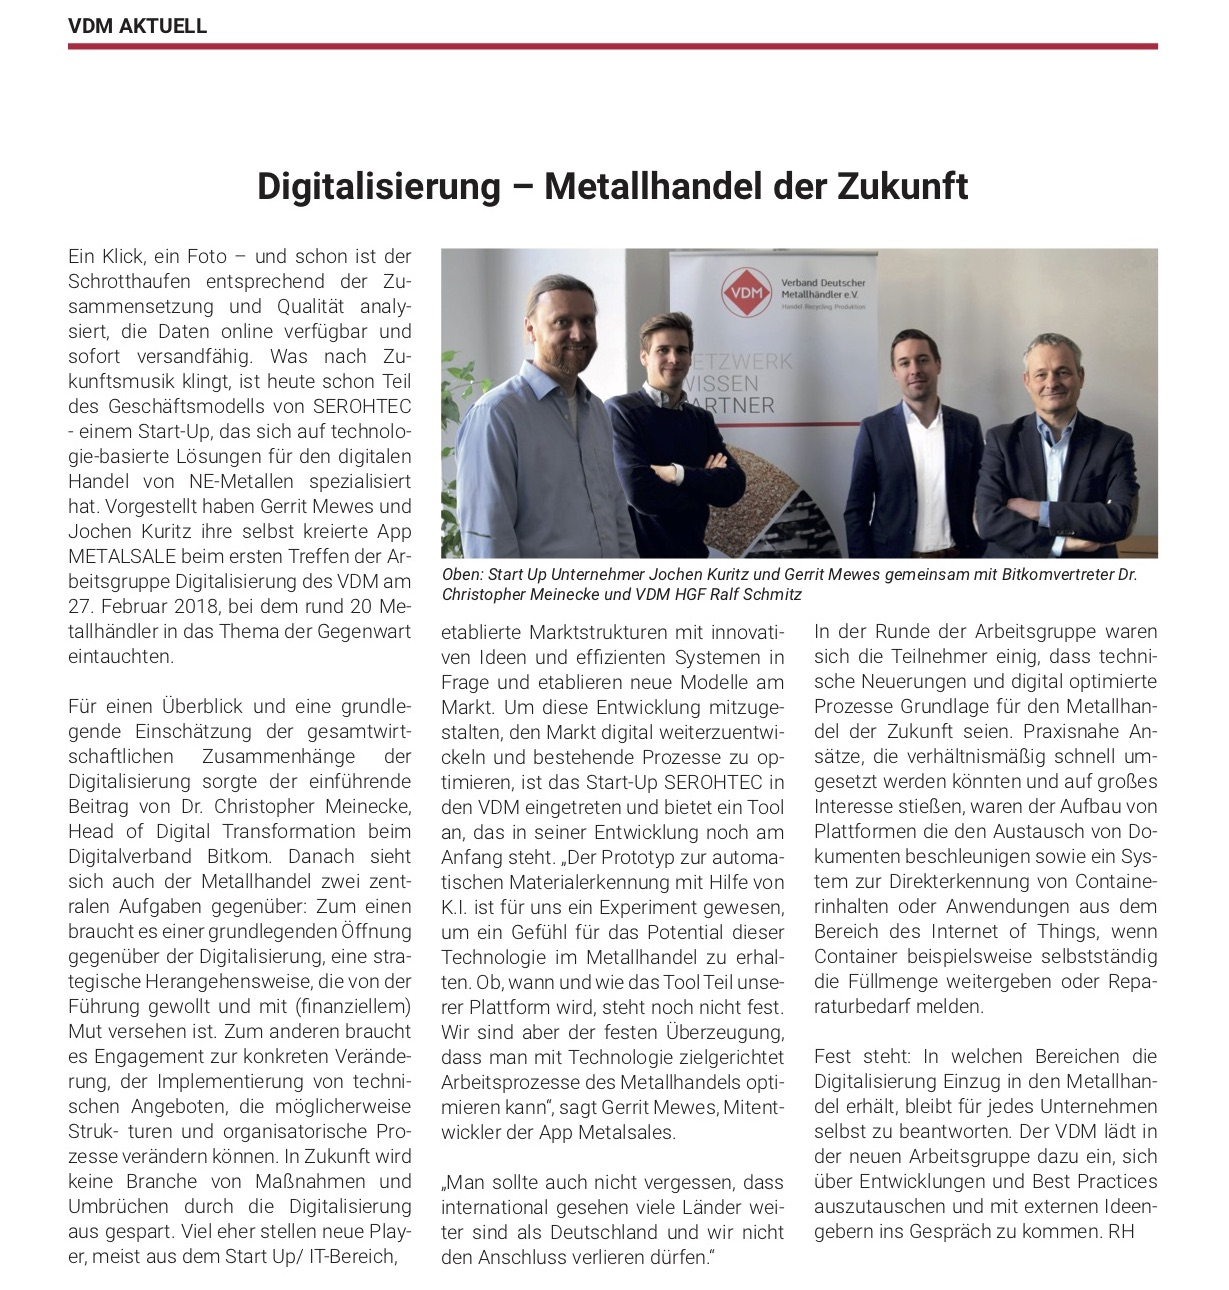 """Quelle: Magazin Verband Deutscher Metallhändler e.V. No. 684 """"111 Jahre VDM"""""""